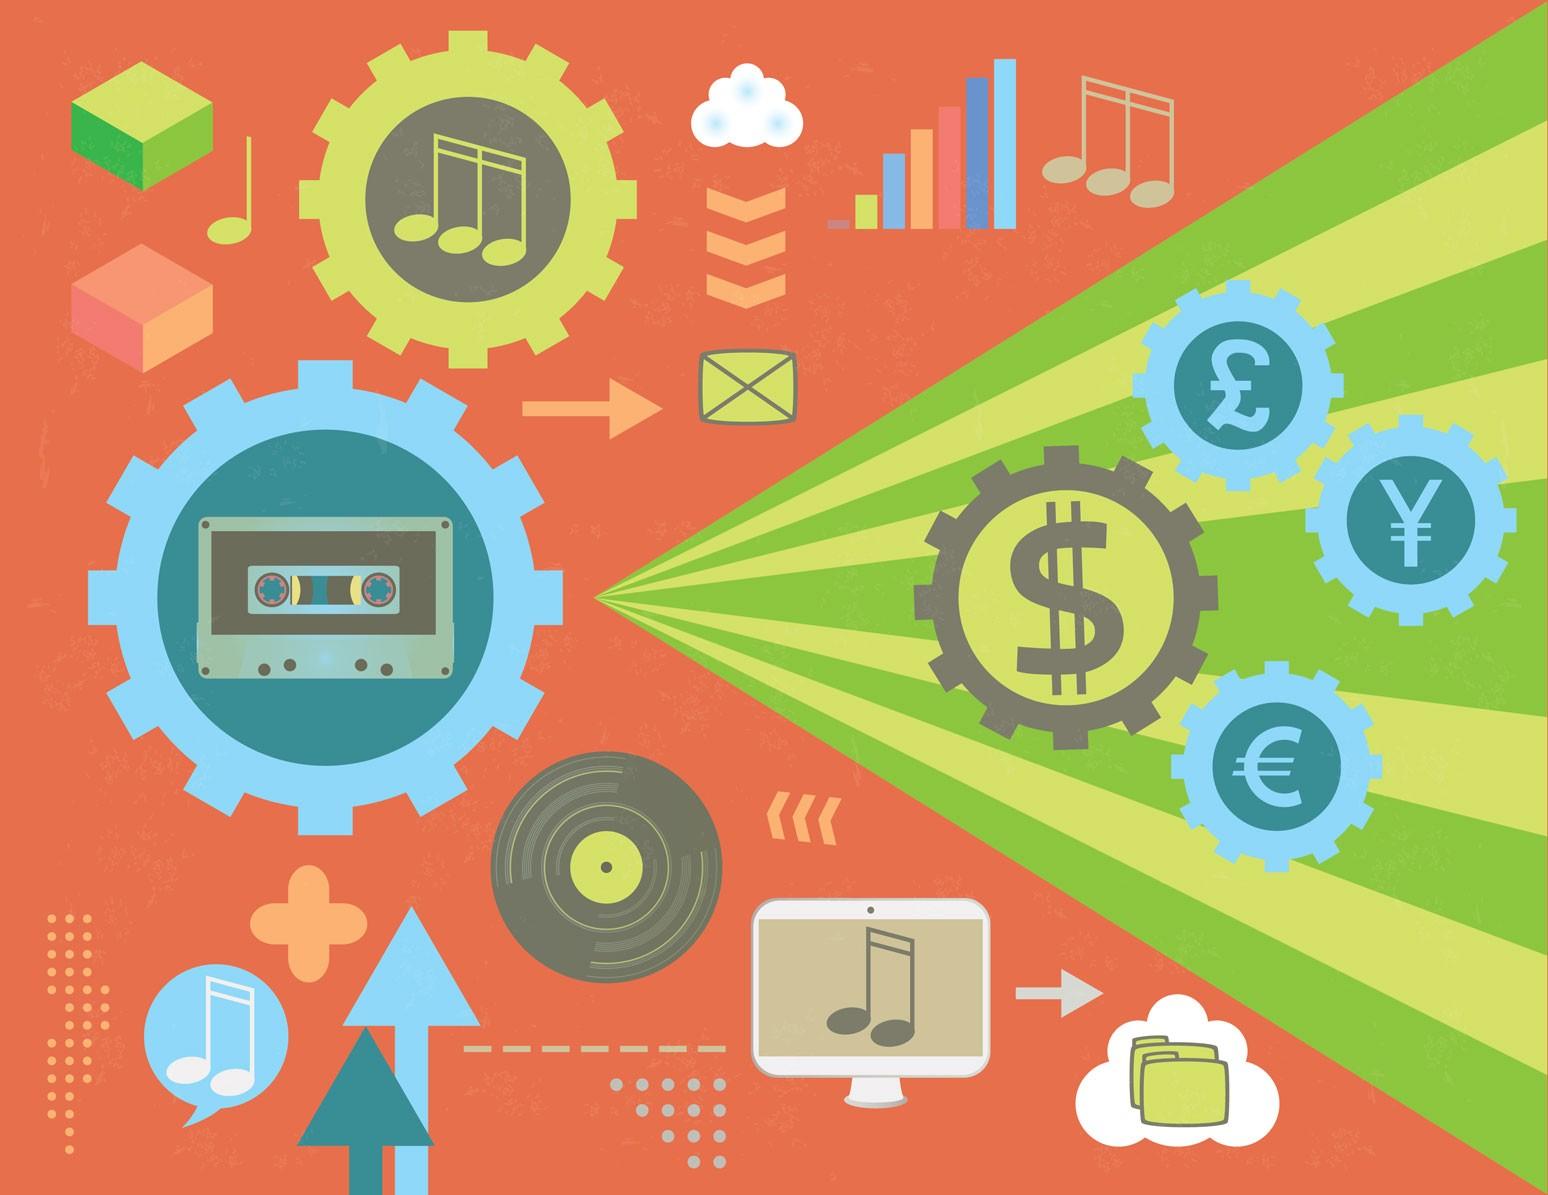 Рекомендован бизнес-менеджером: HIFI помогает артистам разобраться с бухгалтерией